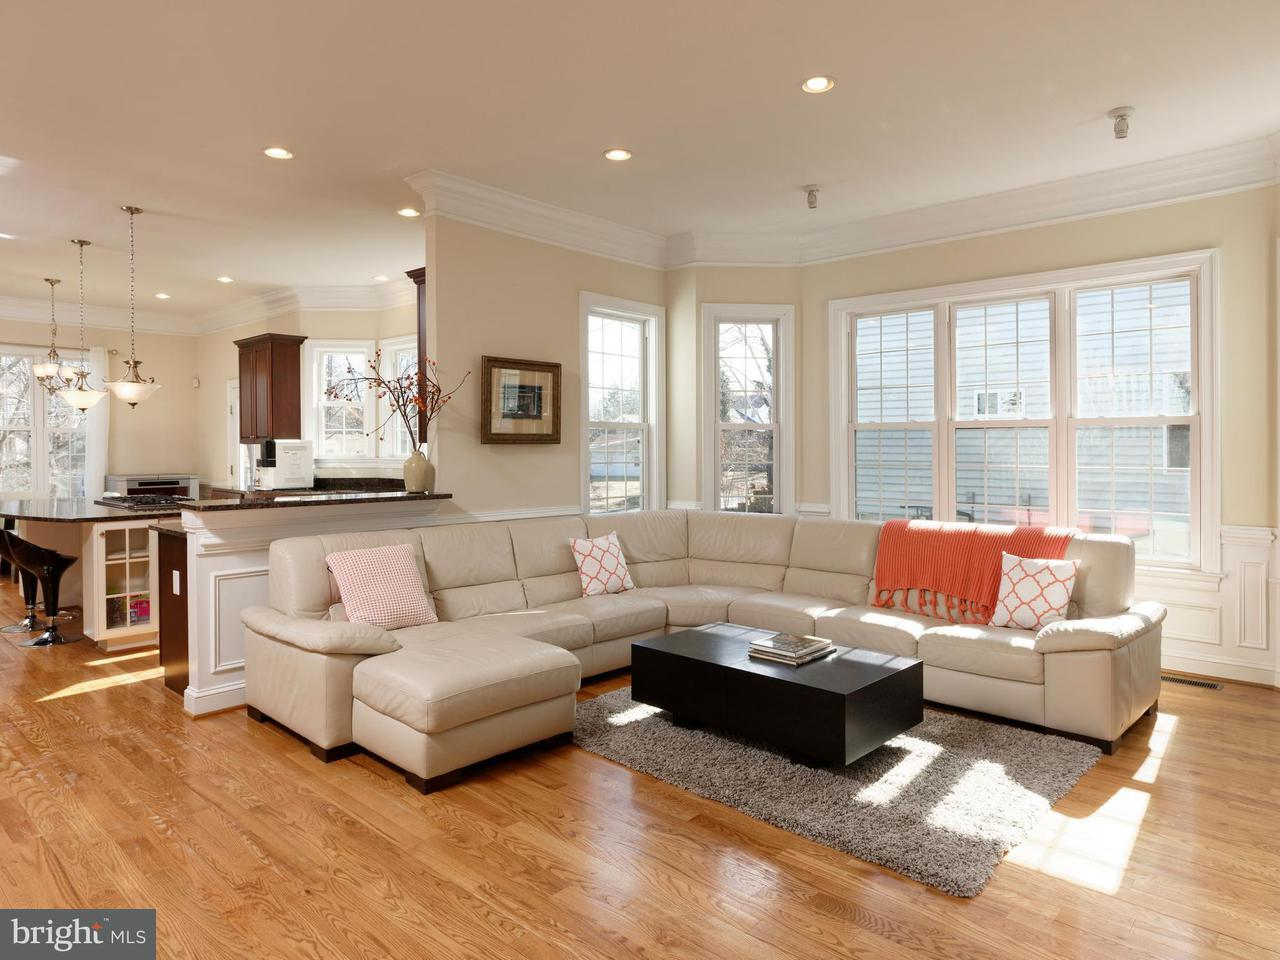 獨棟家庭住宅 為 出售 在 3600 John Court 3600 John Court Annandale, 弗吉尼亞州 22003 美國